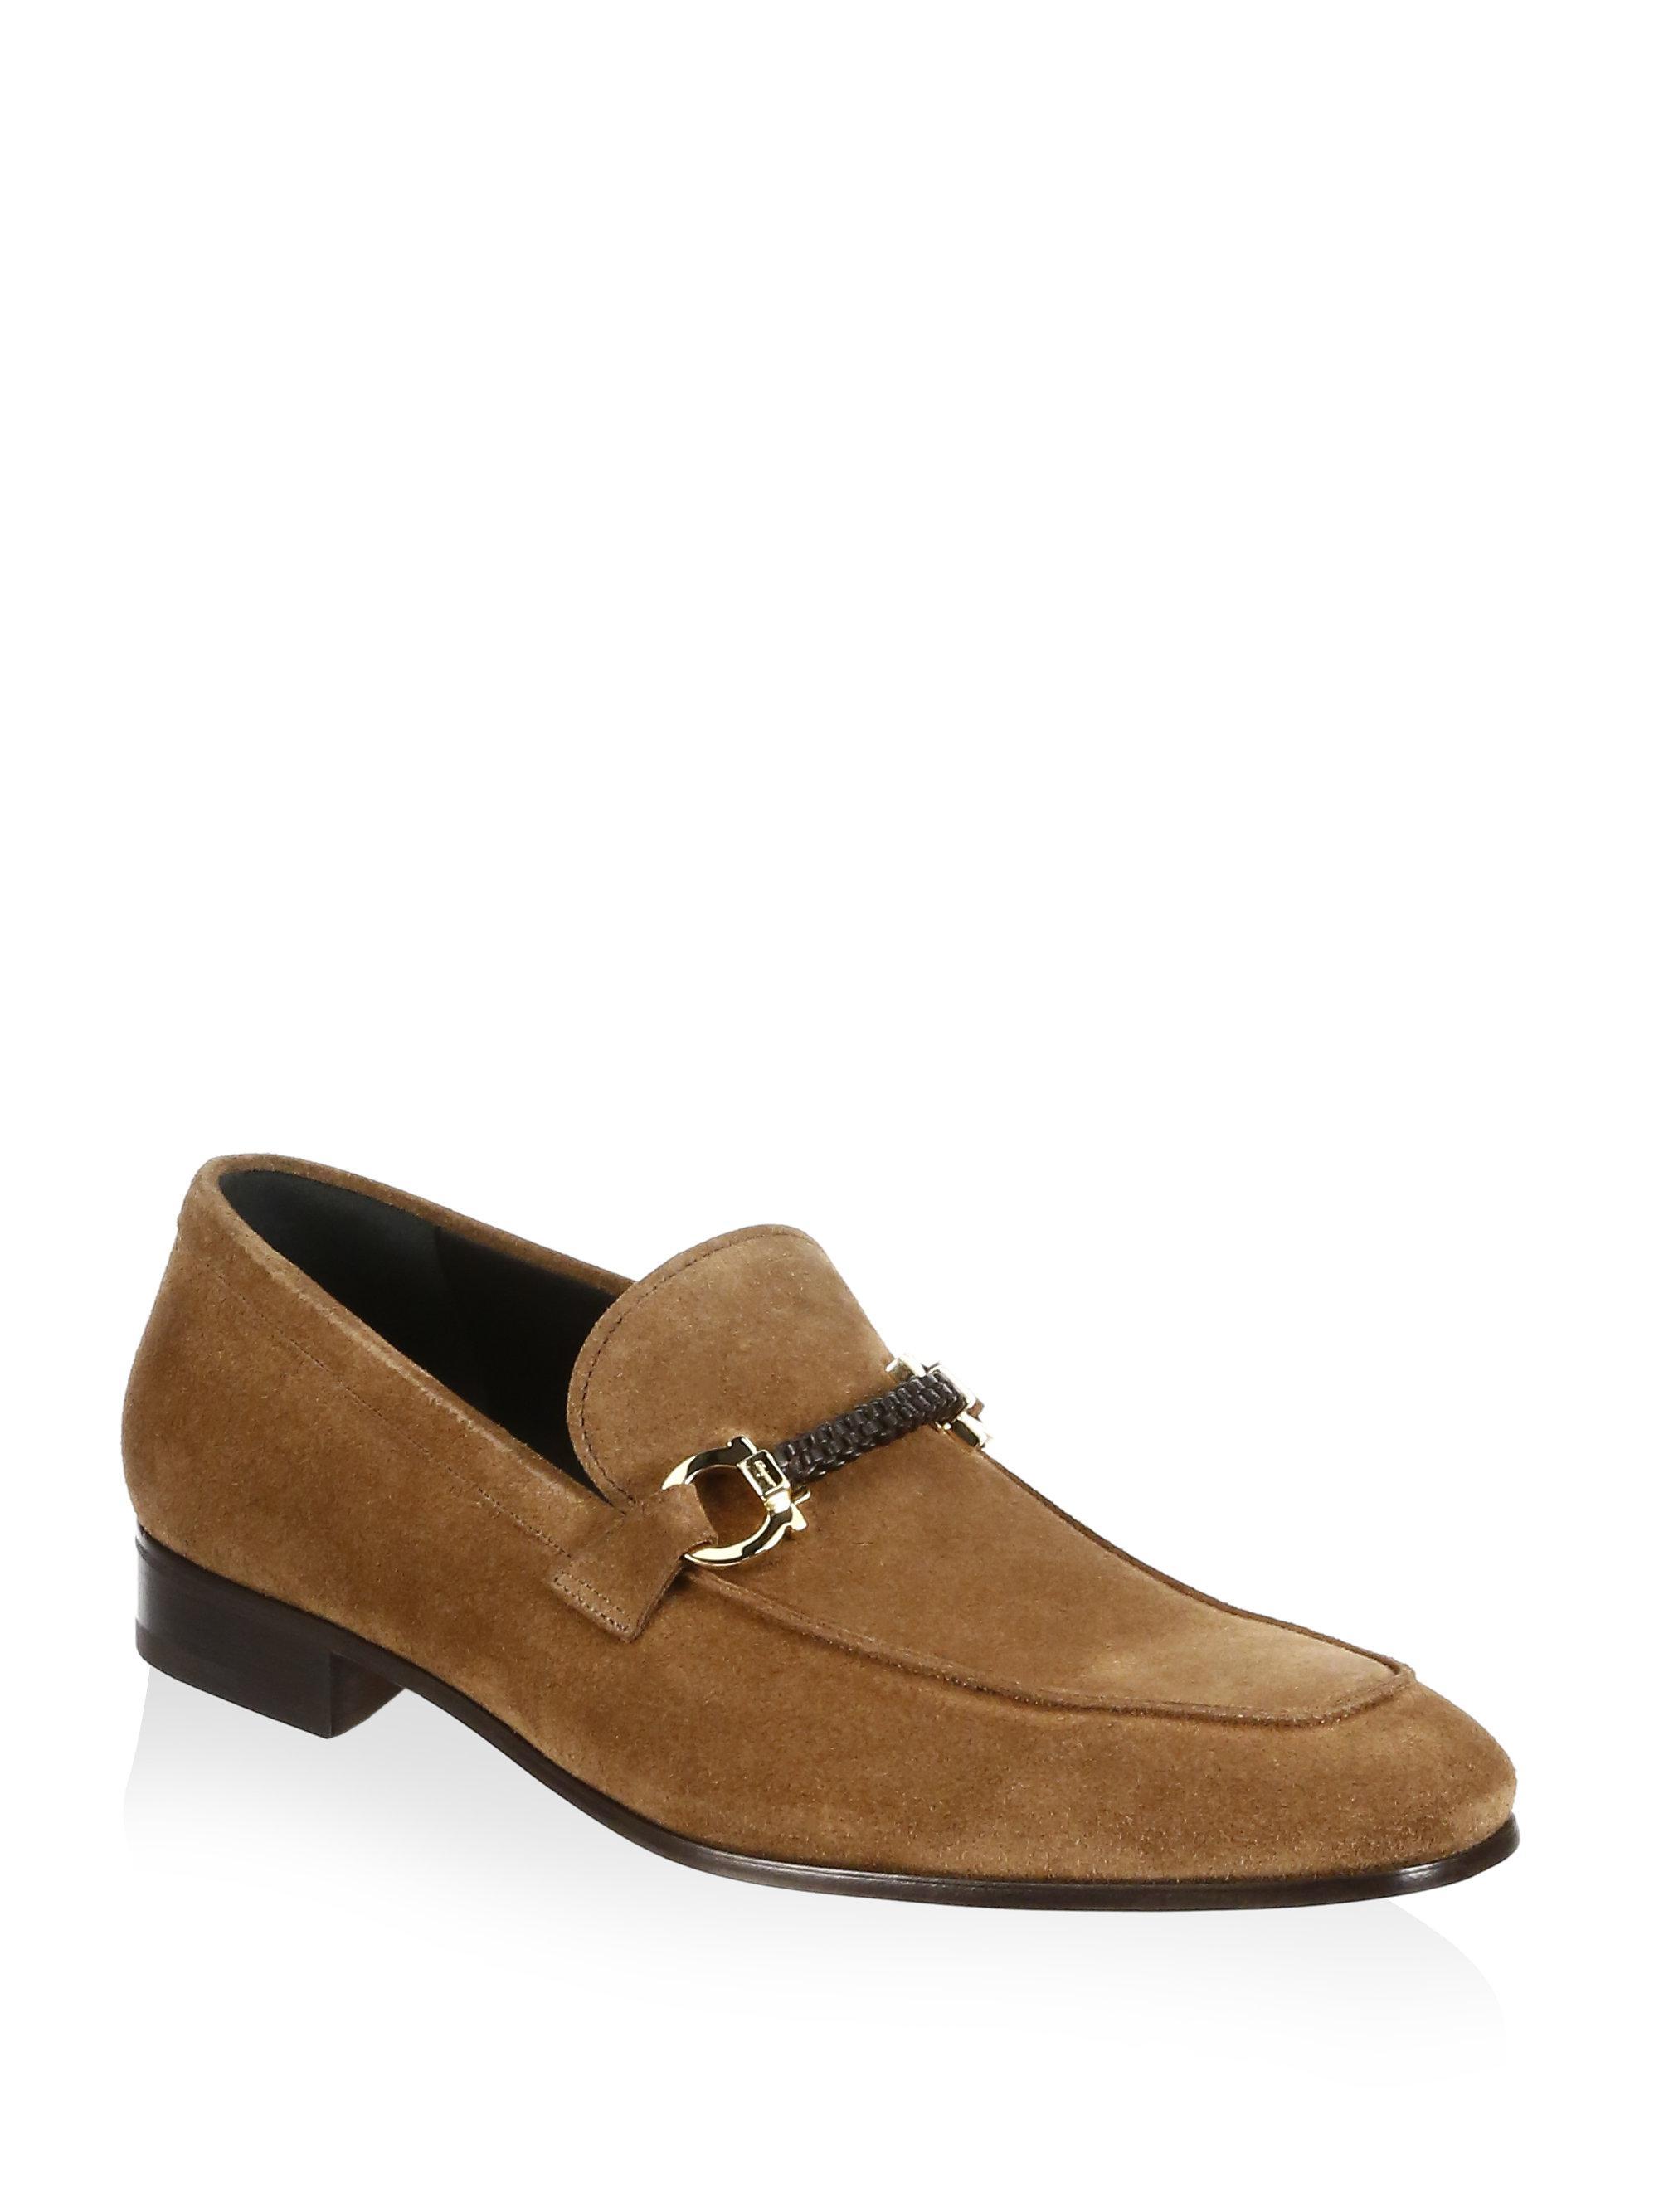 Lyst Ferragamo Cross Suede Loafers In Brown For Men